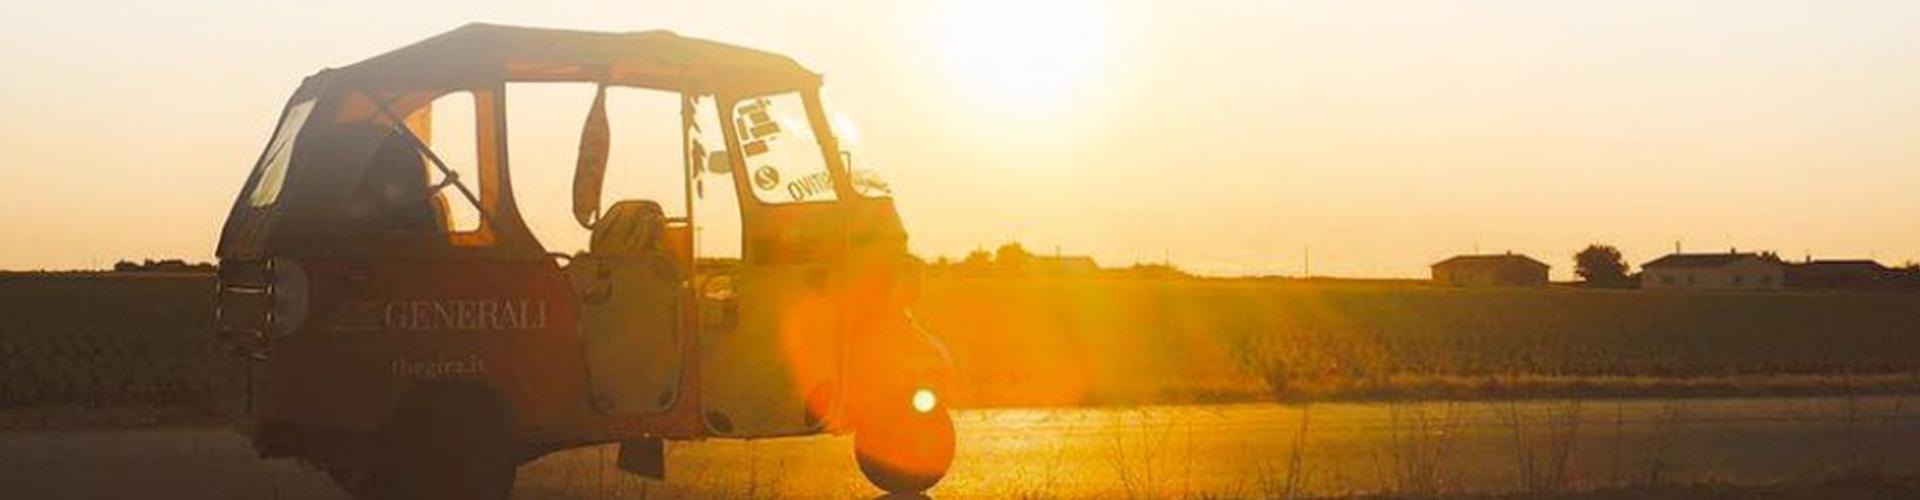 The Gira, aventure en tuktuk en France, Esoagne et Italie